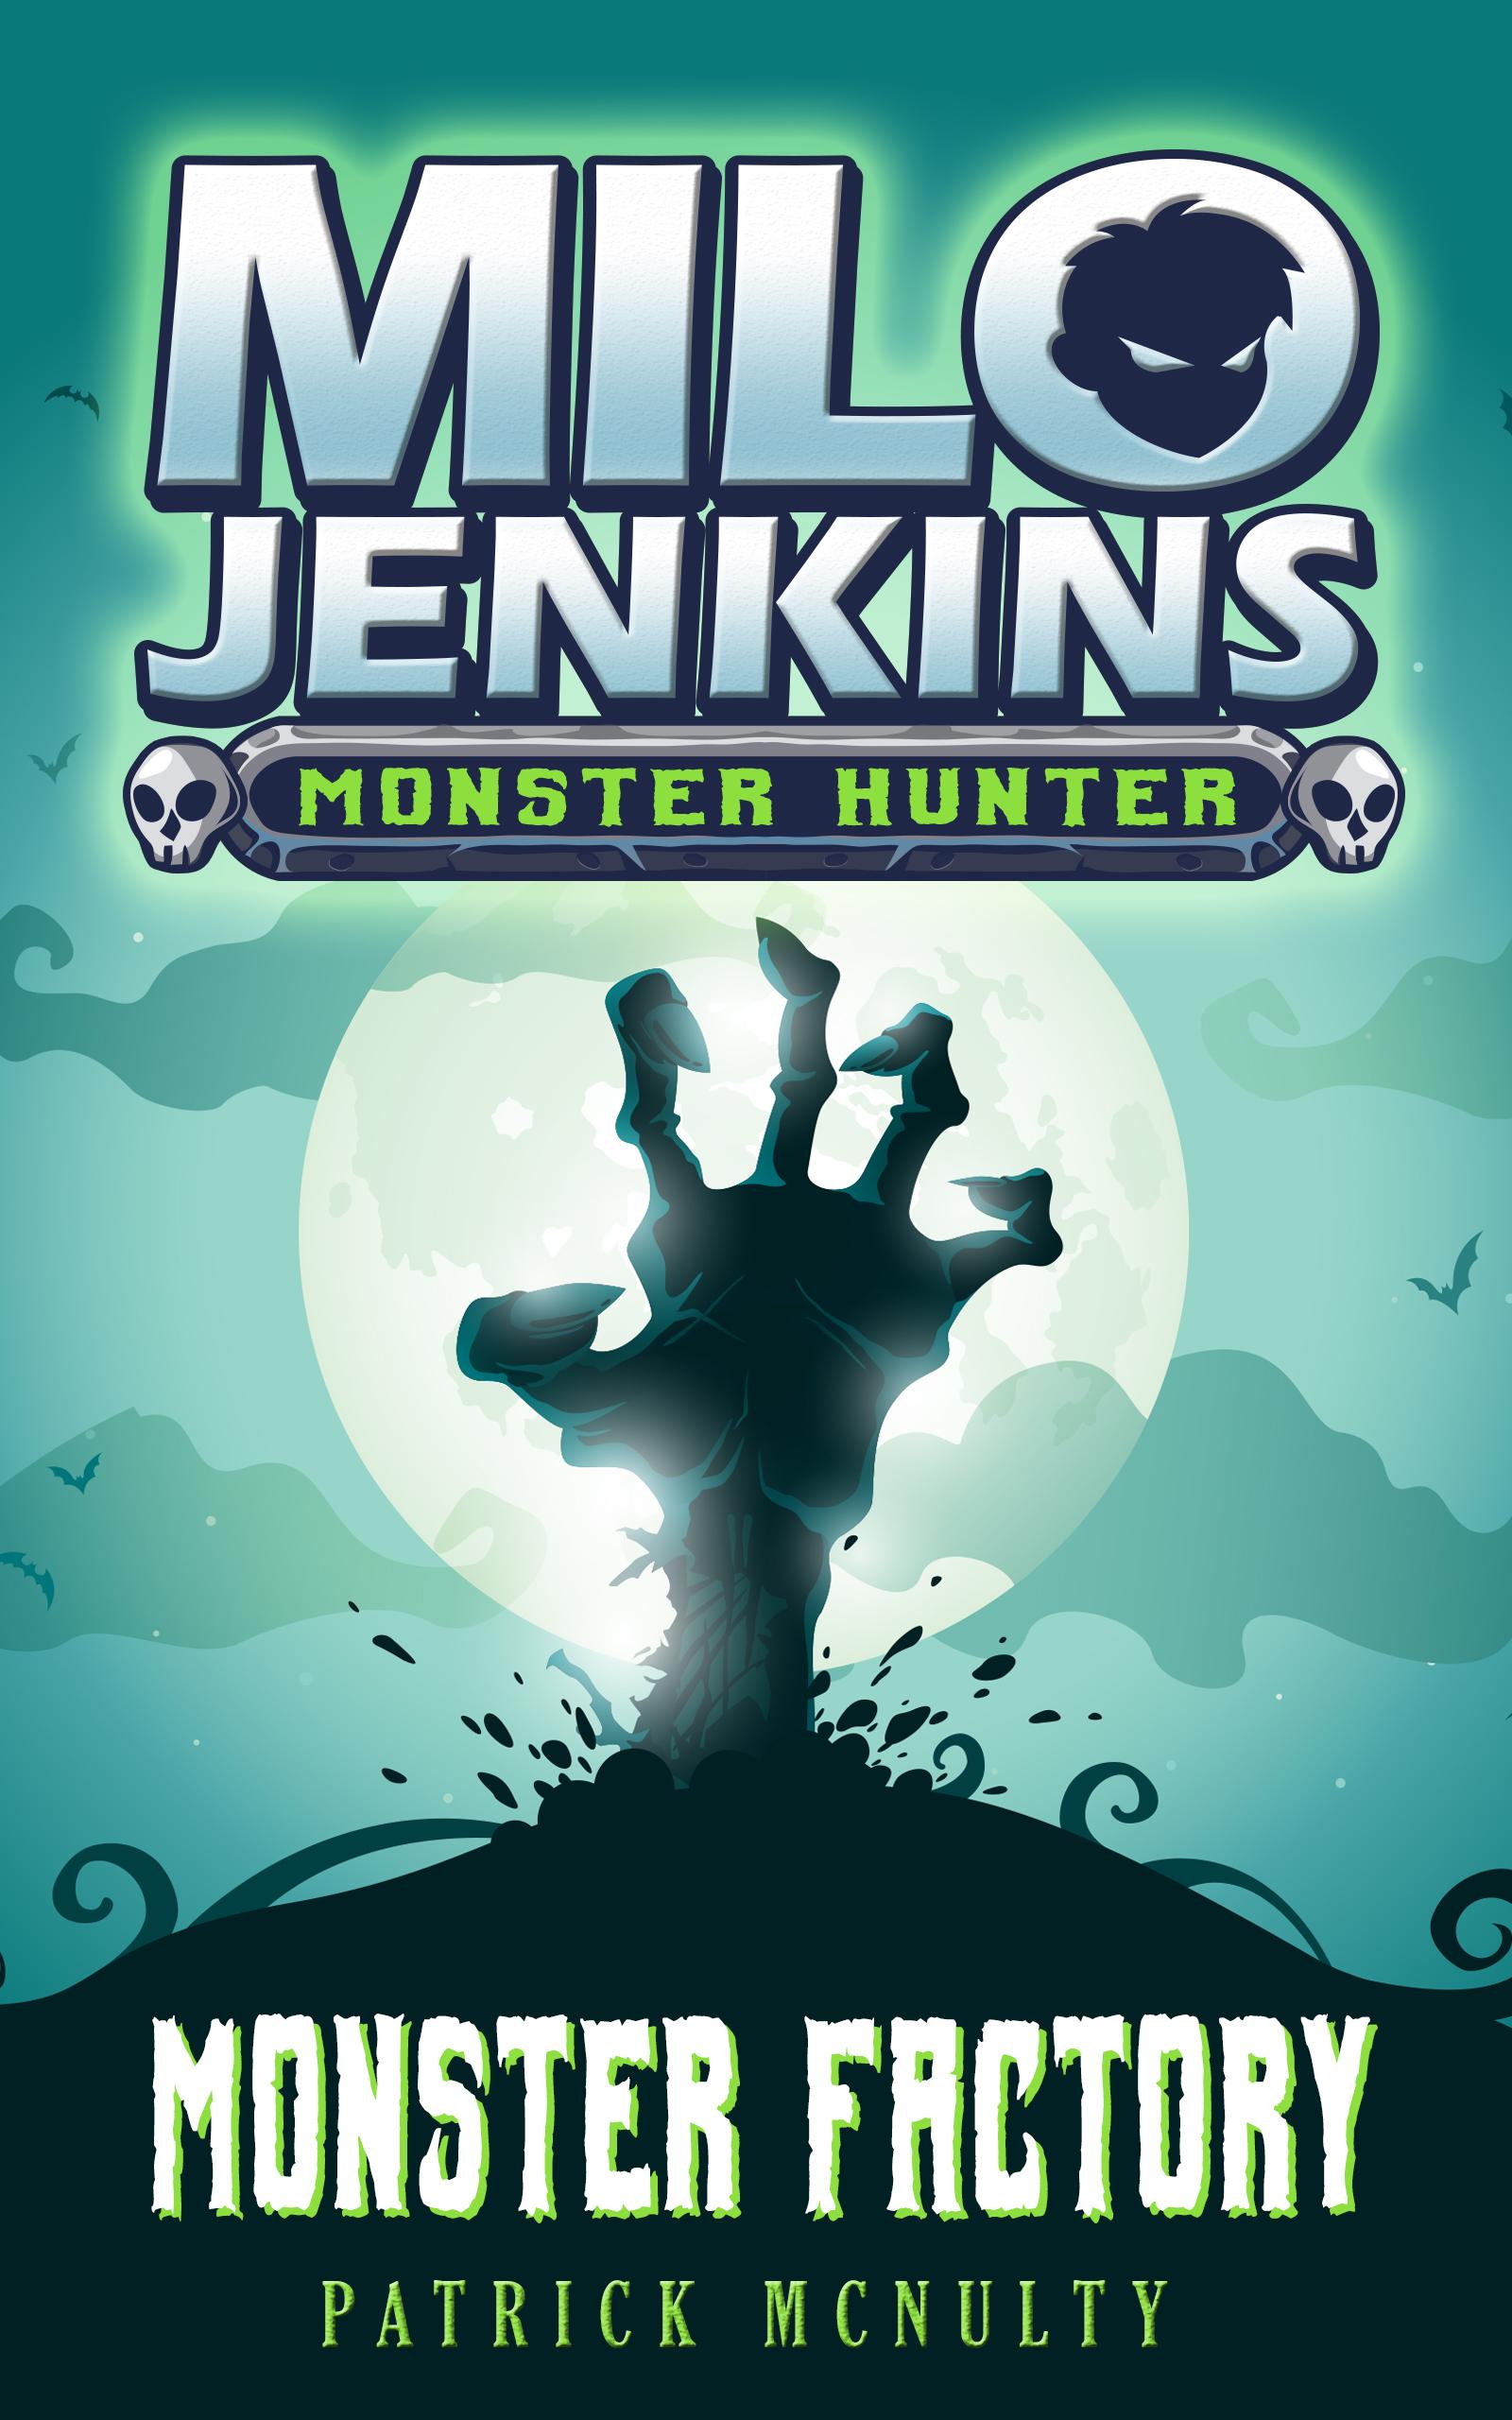 Milo Jenkins Monster Factory 1600 x 2560 v1.jpg